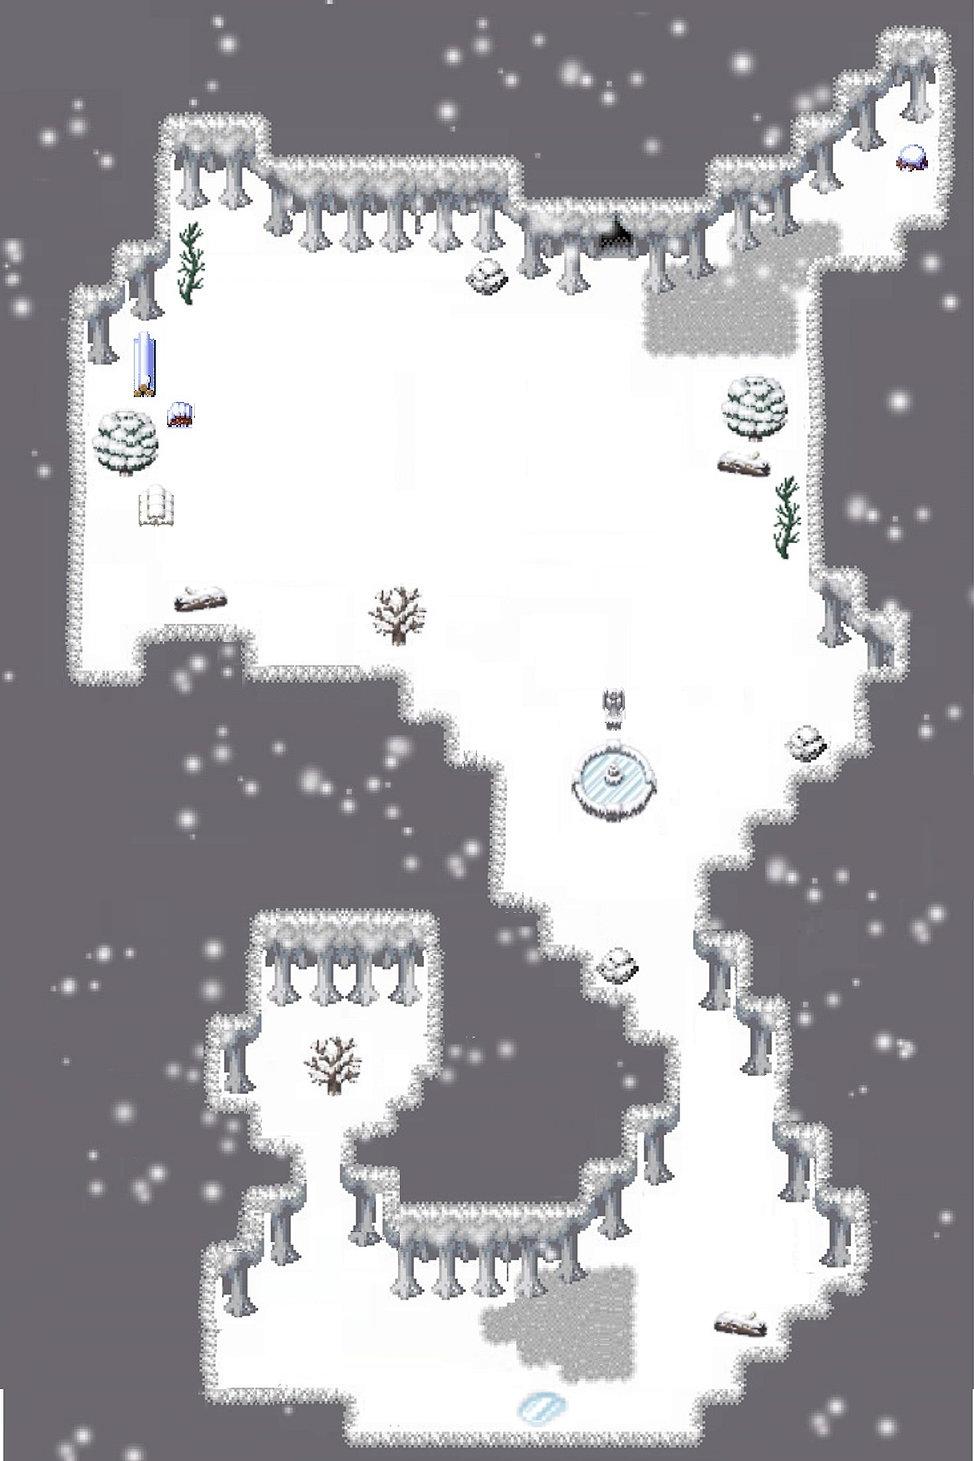 雪の国.jpg